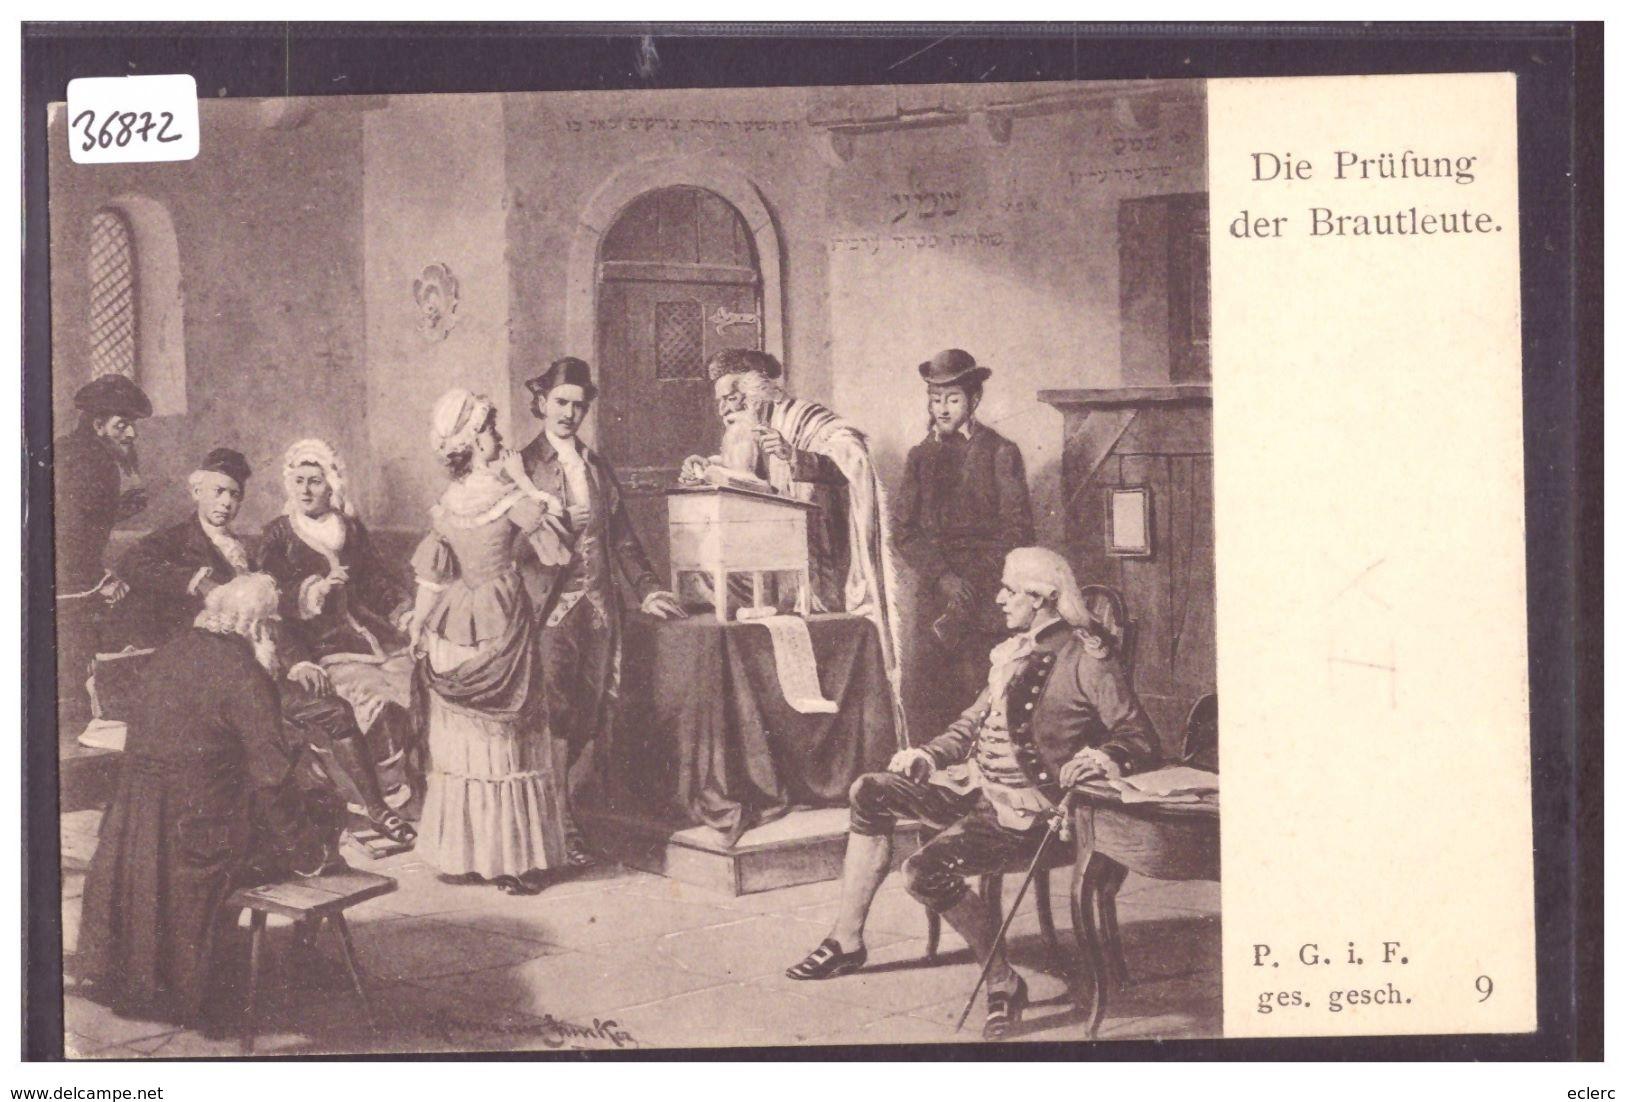 DIE PRÜFUNG DER BRAUTLEUTE - SCENE OF JEWISH LIFE IN FRANKFURT BY HERMANN JUNKER - TB - Jodendom